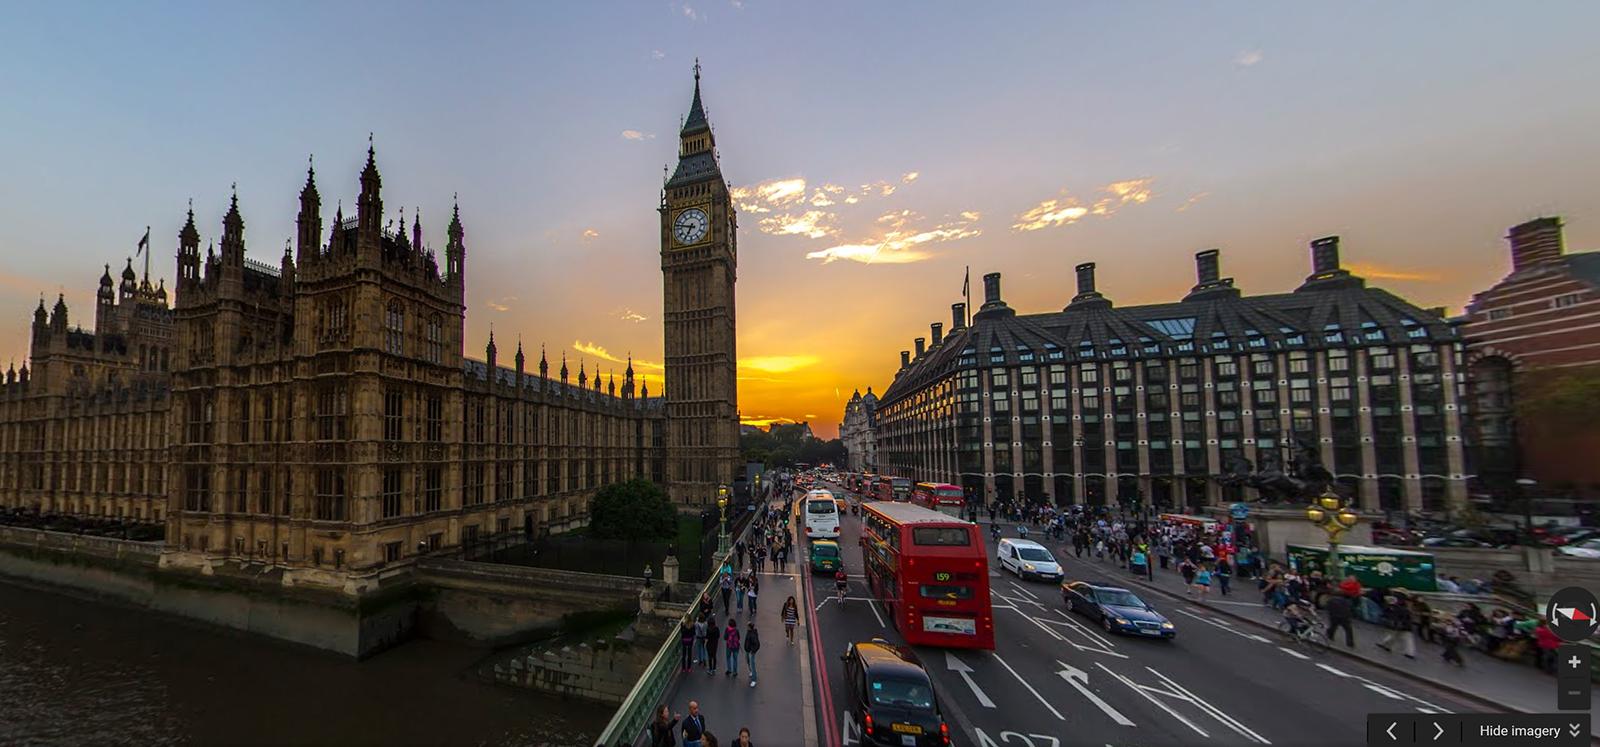 London streetview photosphere